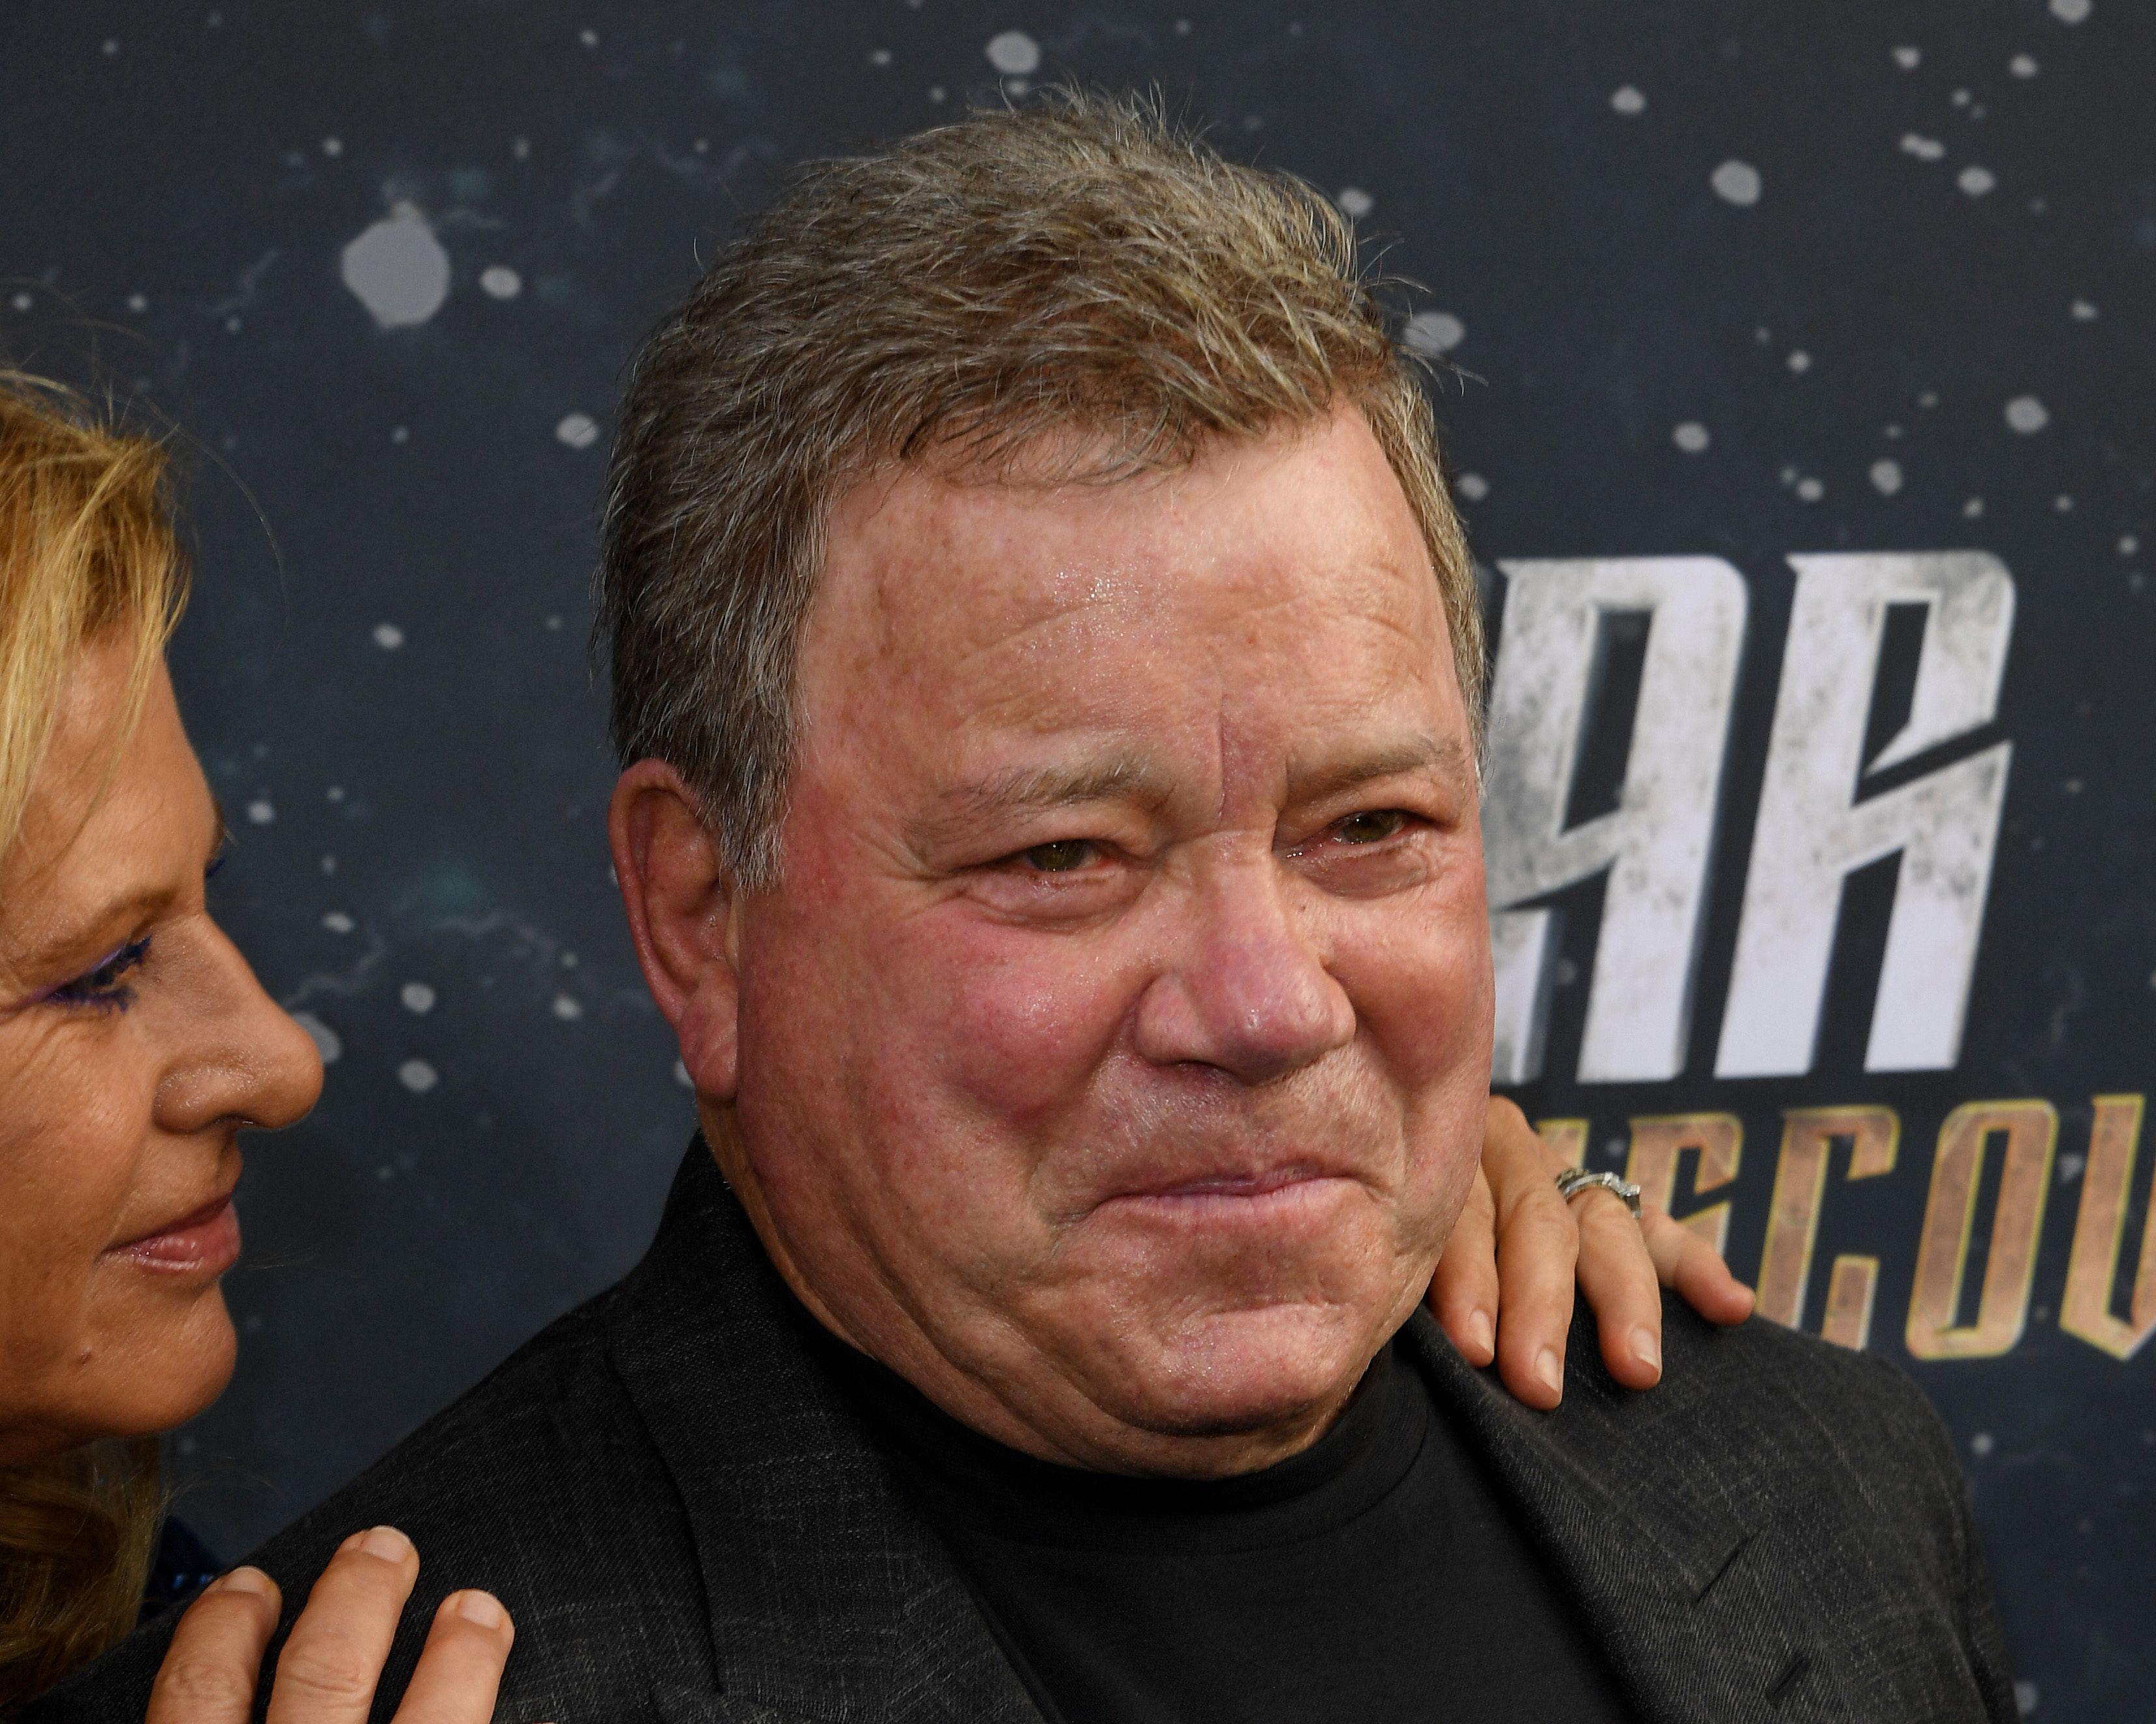 En esta foto de archivo, Elizabeth Shatner y William Shatner llegan al estreno de Star Trek: Discovery de CBS en el Cinerama Dome en Hollywood, California, el 19 de septiembre de 2017.